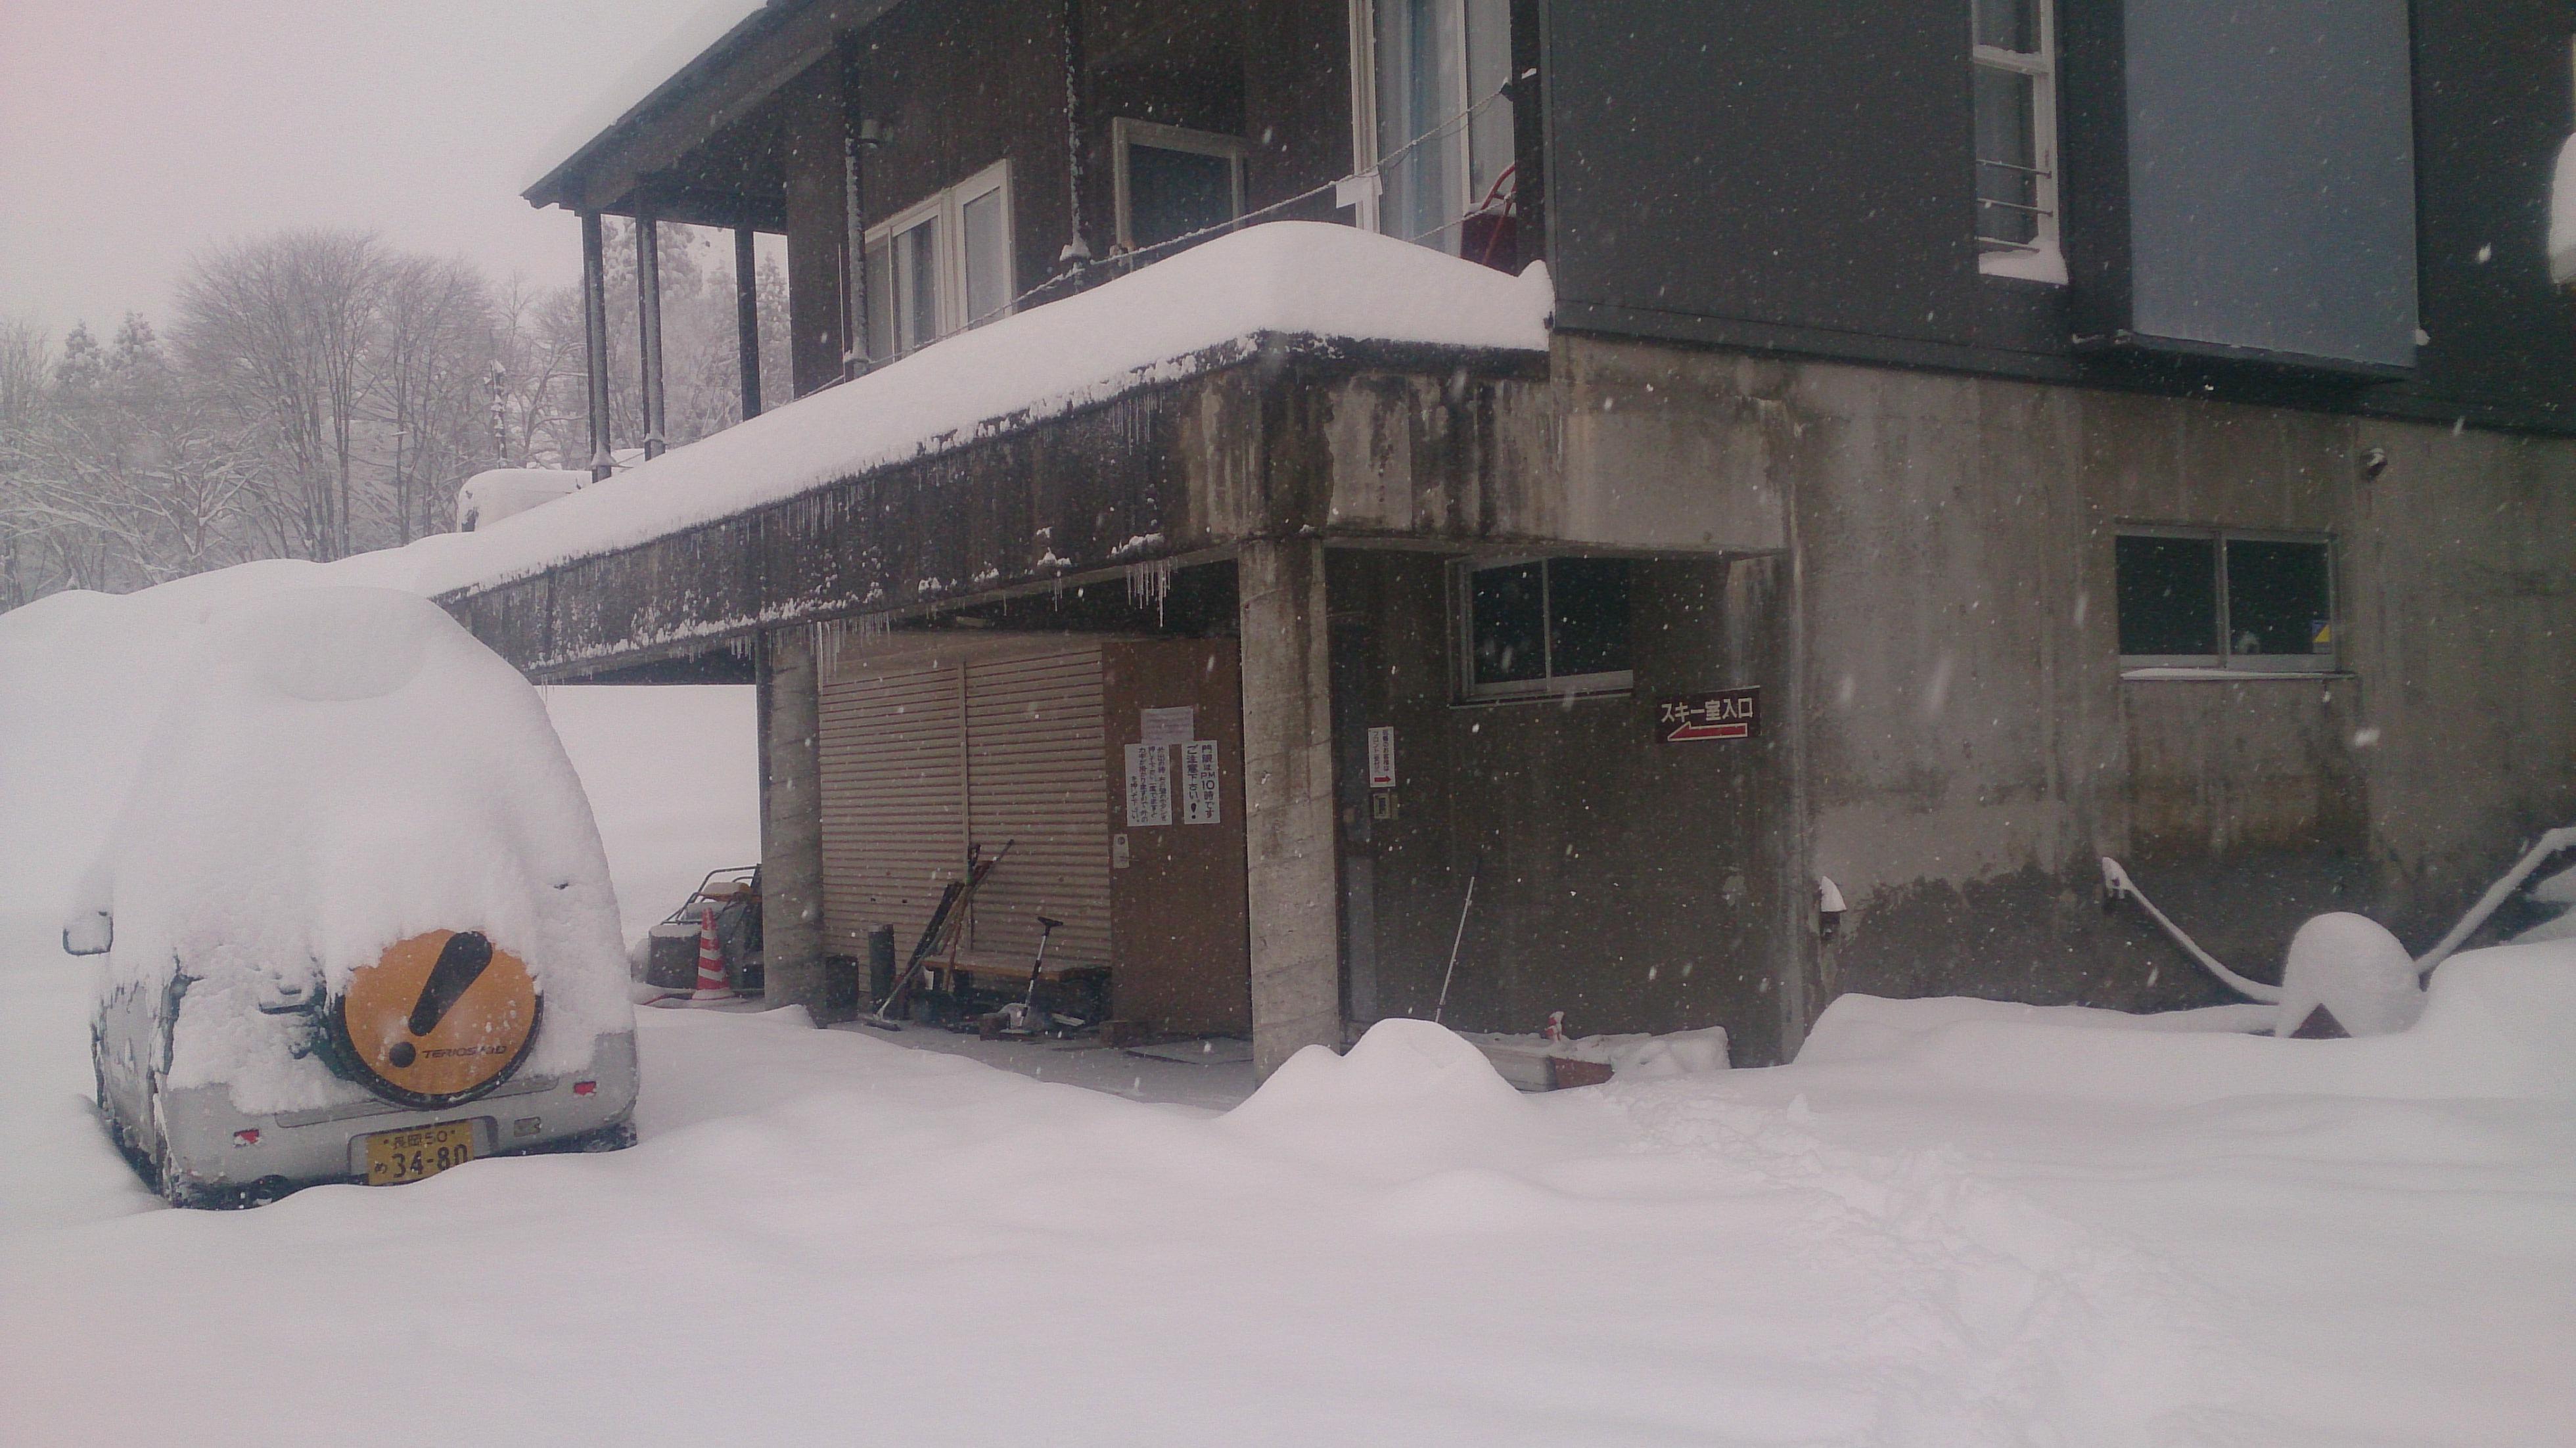 Myoko Snow Report 25 March 2016